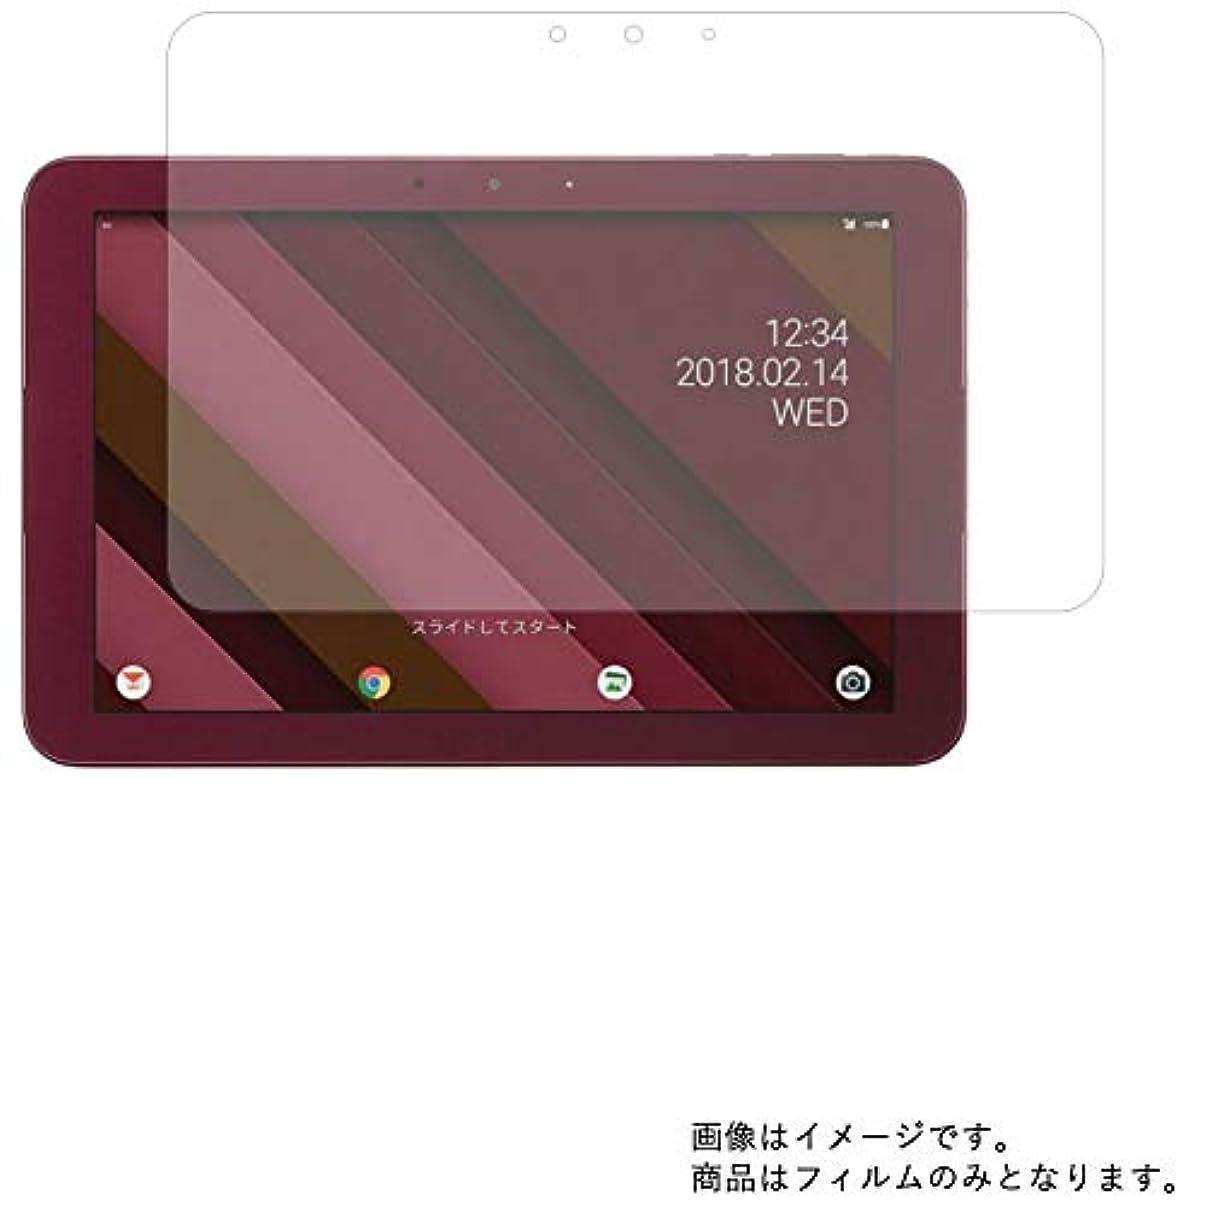 権限南極折り目京セラ Qua tab QZ10 au 10.1インチ用 液晶保護フィルム 反射防止(マット)タイプ